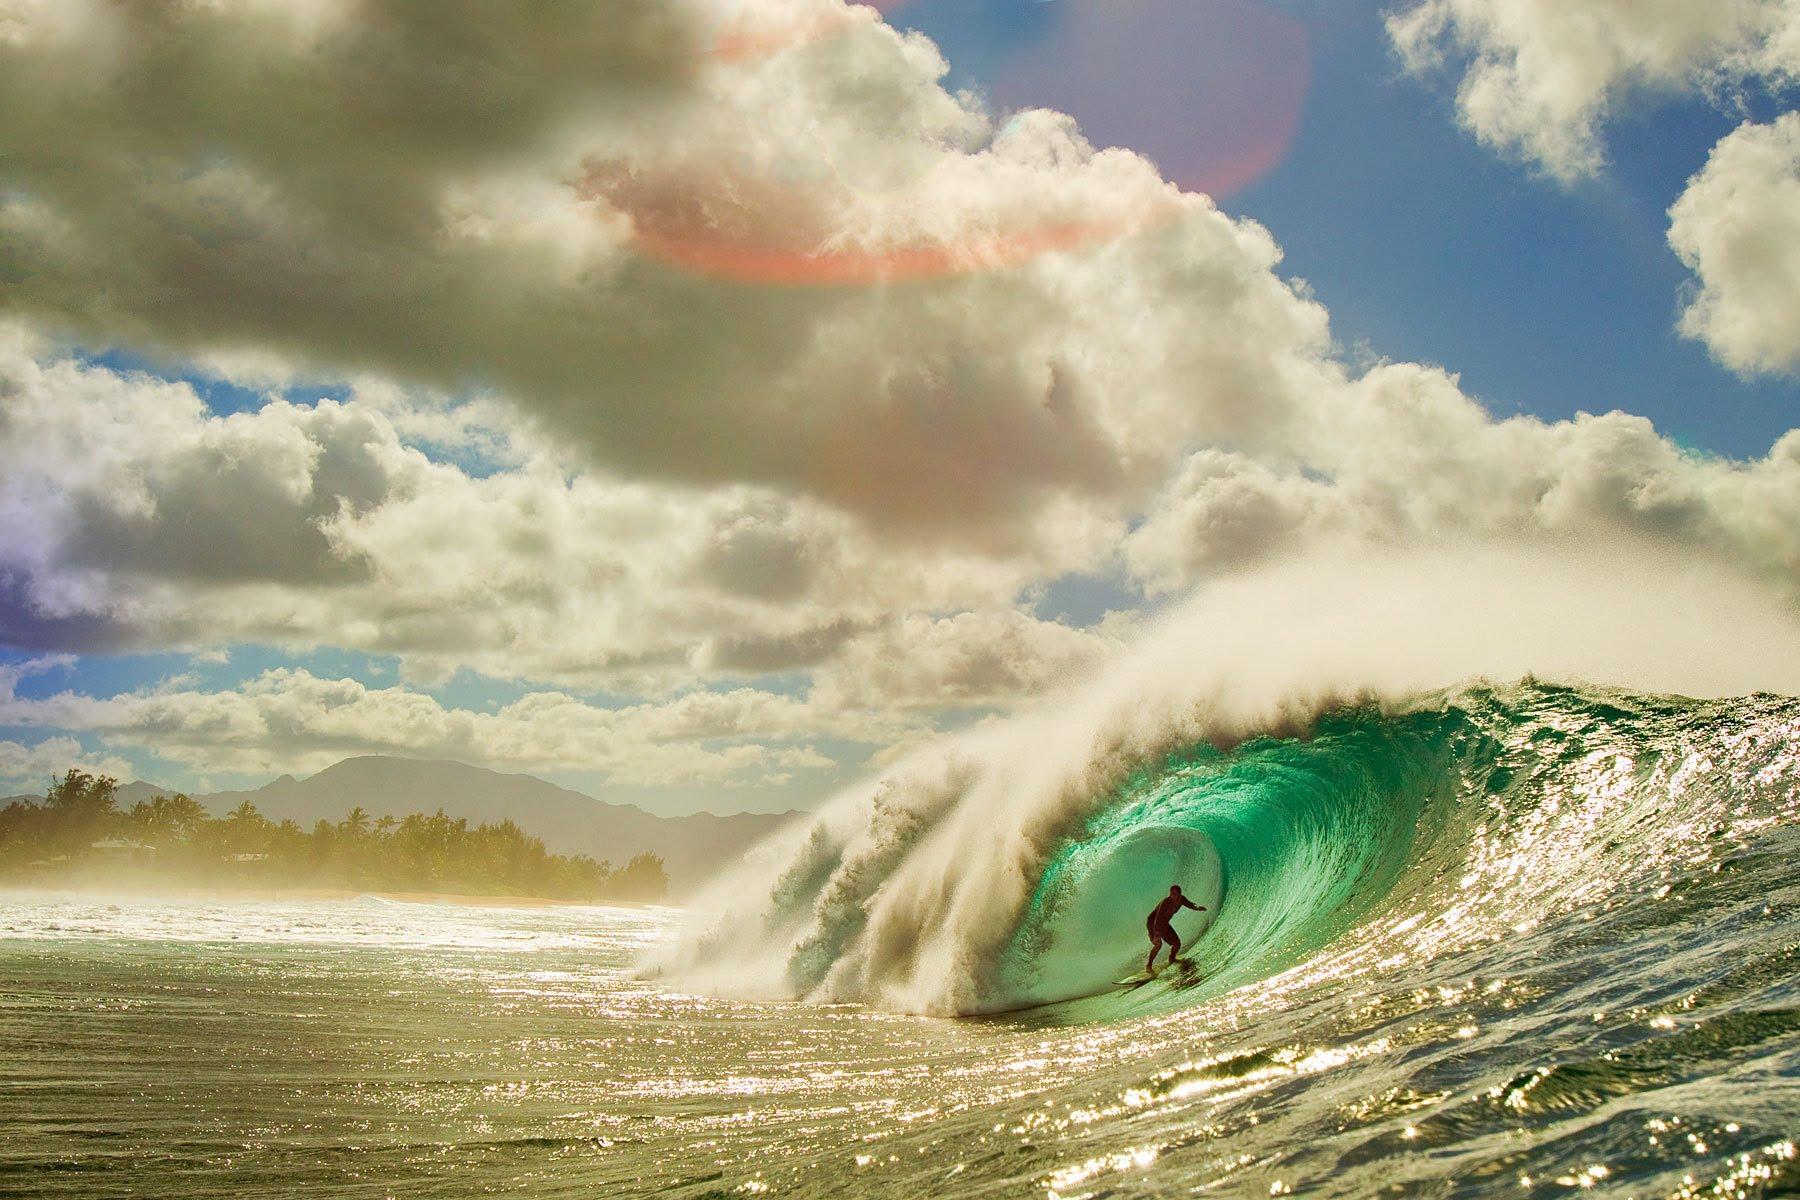 Les 10 vagues les plus dangereuses du monde (11)